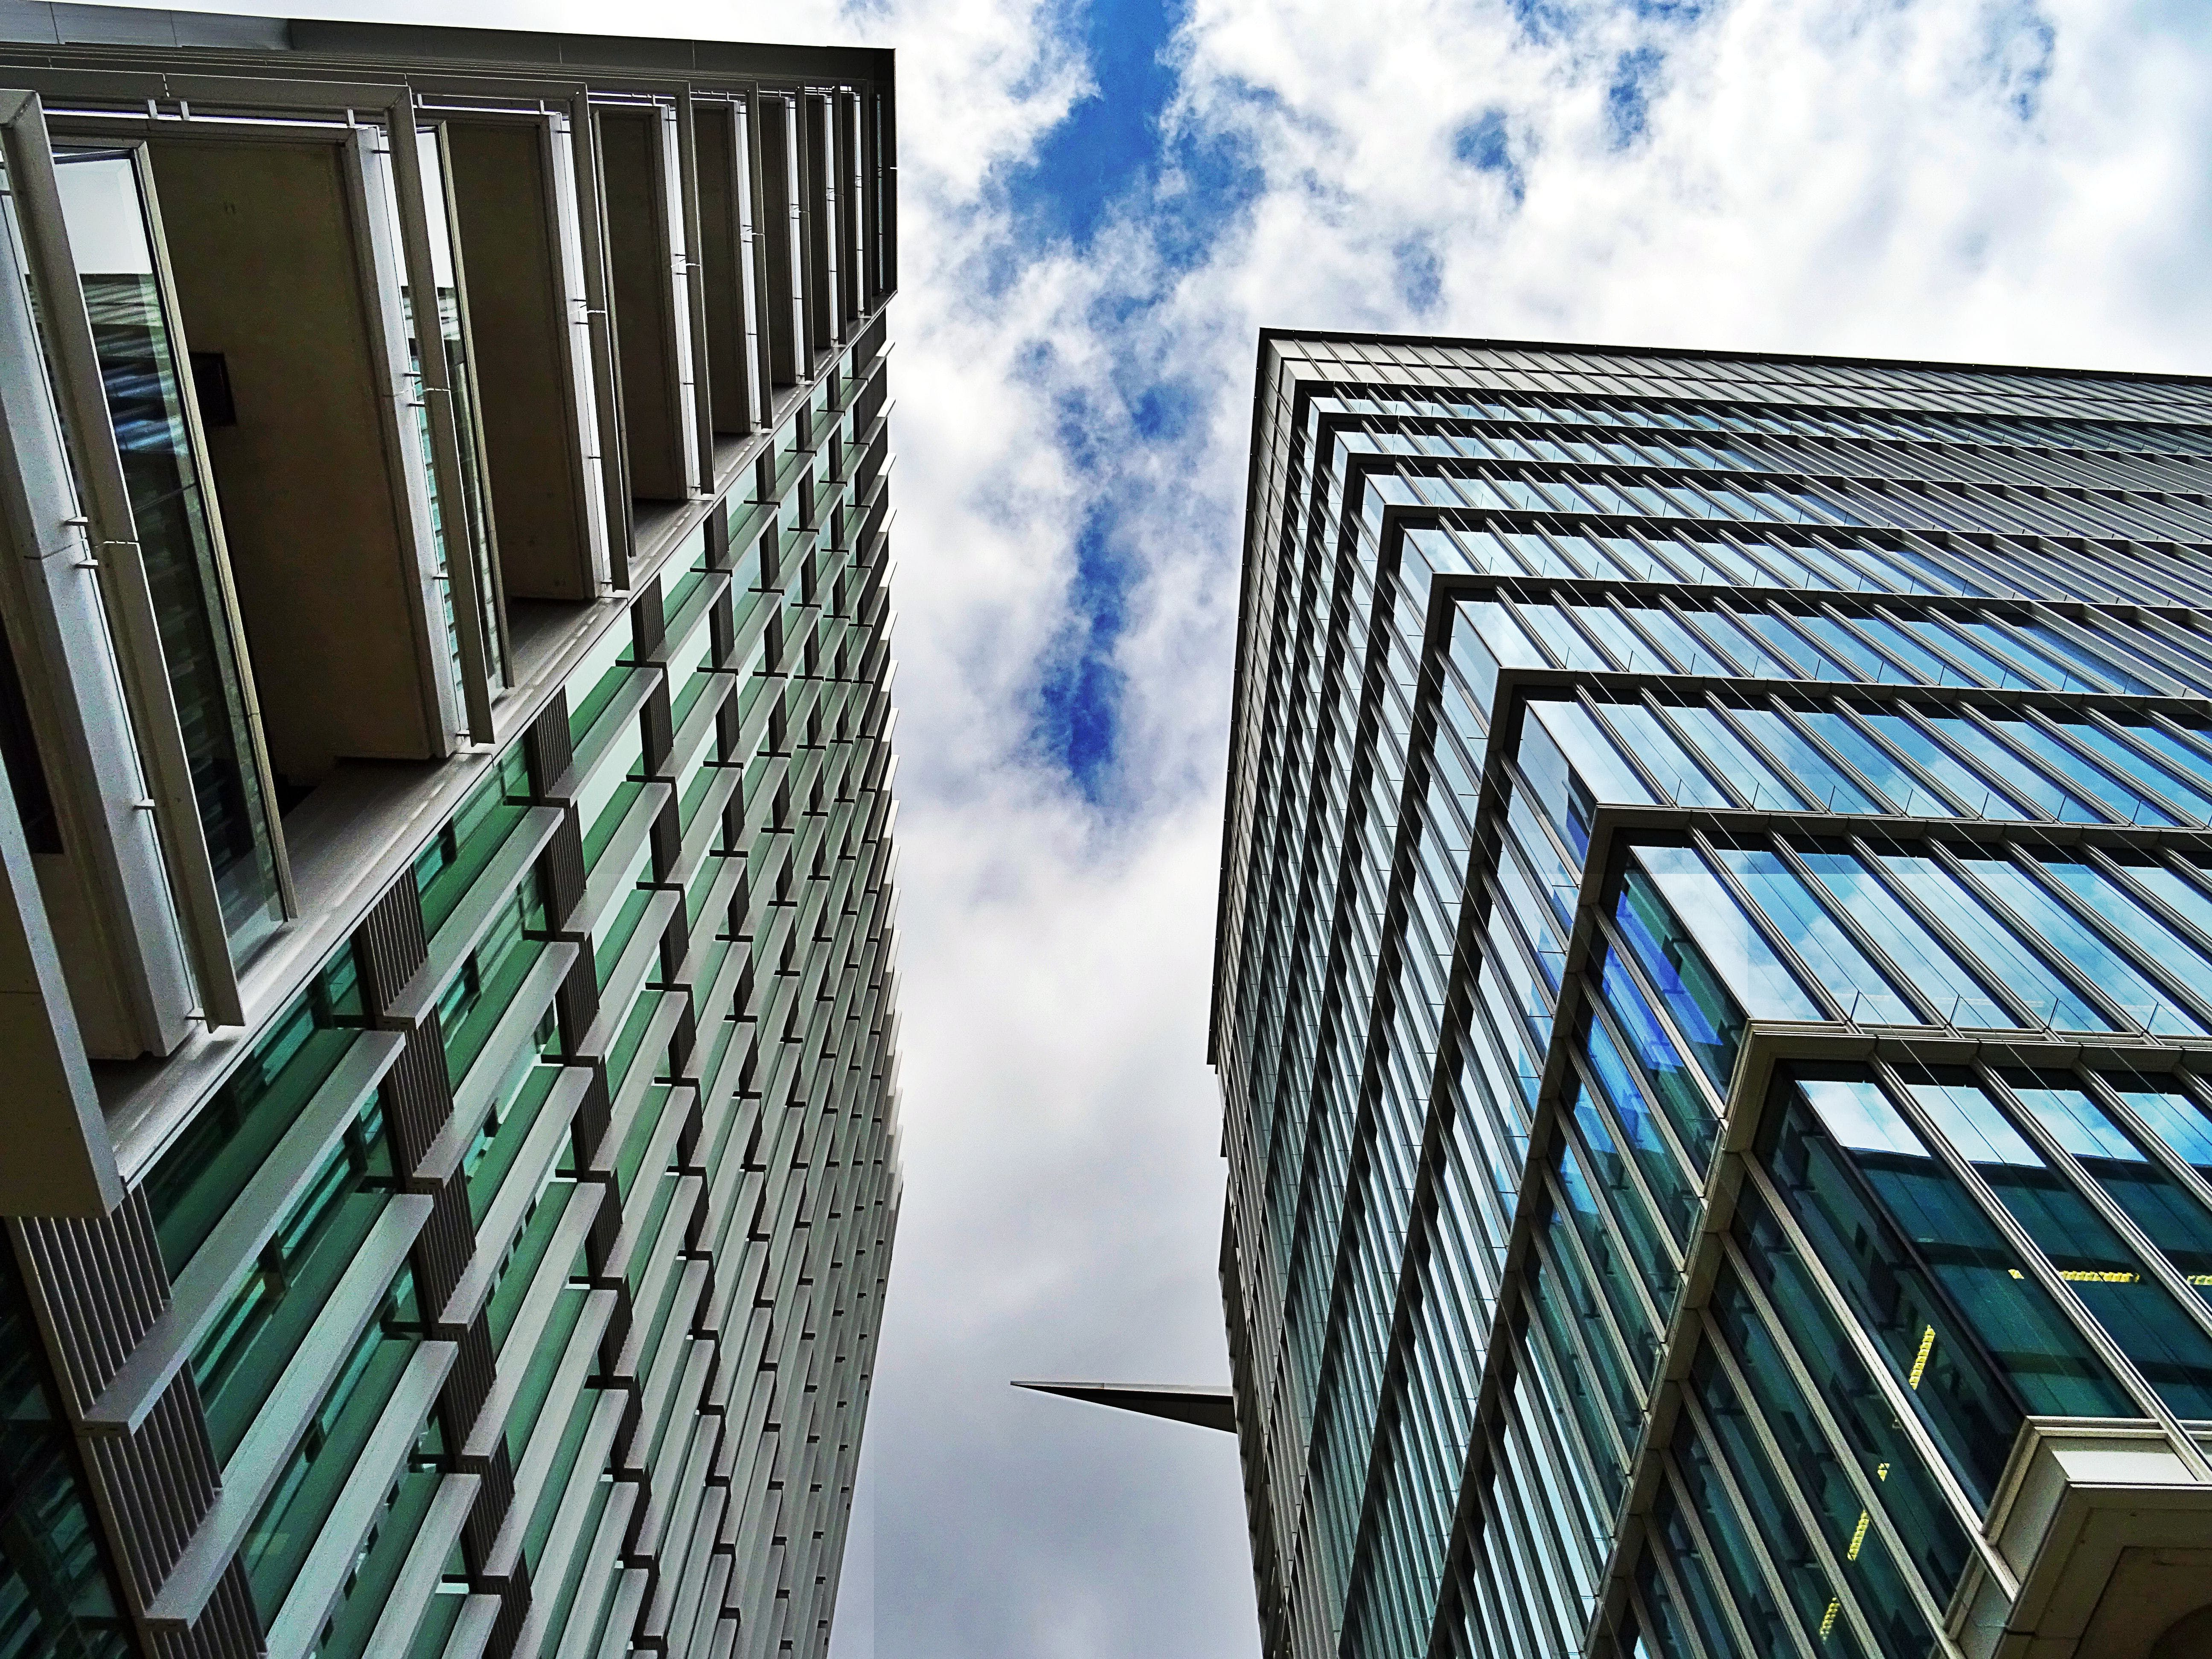 건물, 건물 외관, 건축 설계, 고층 건물의 무료 스톡 사진